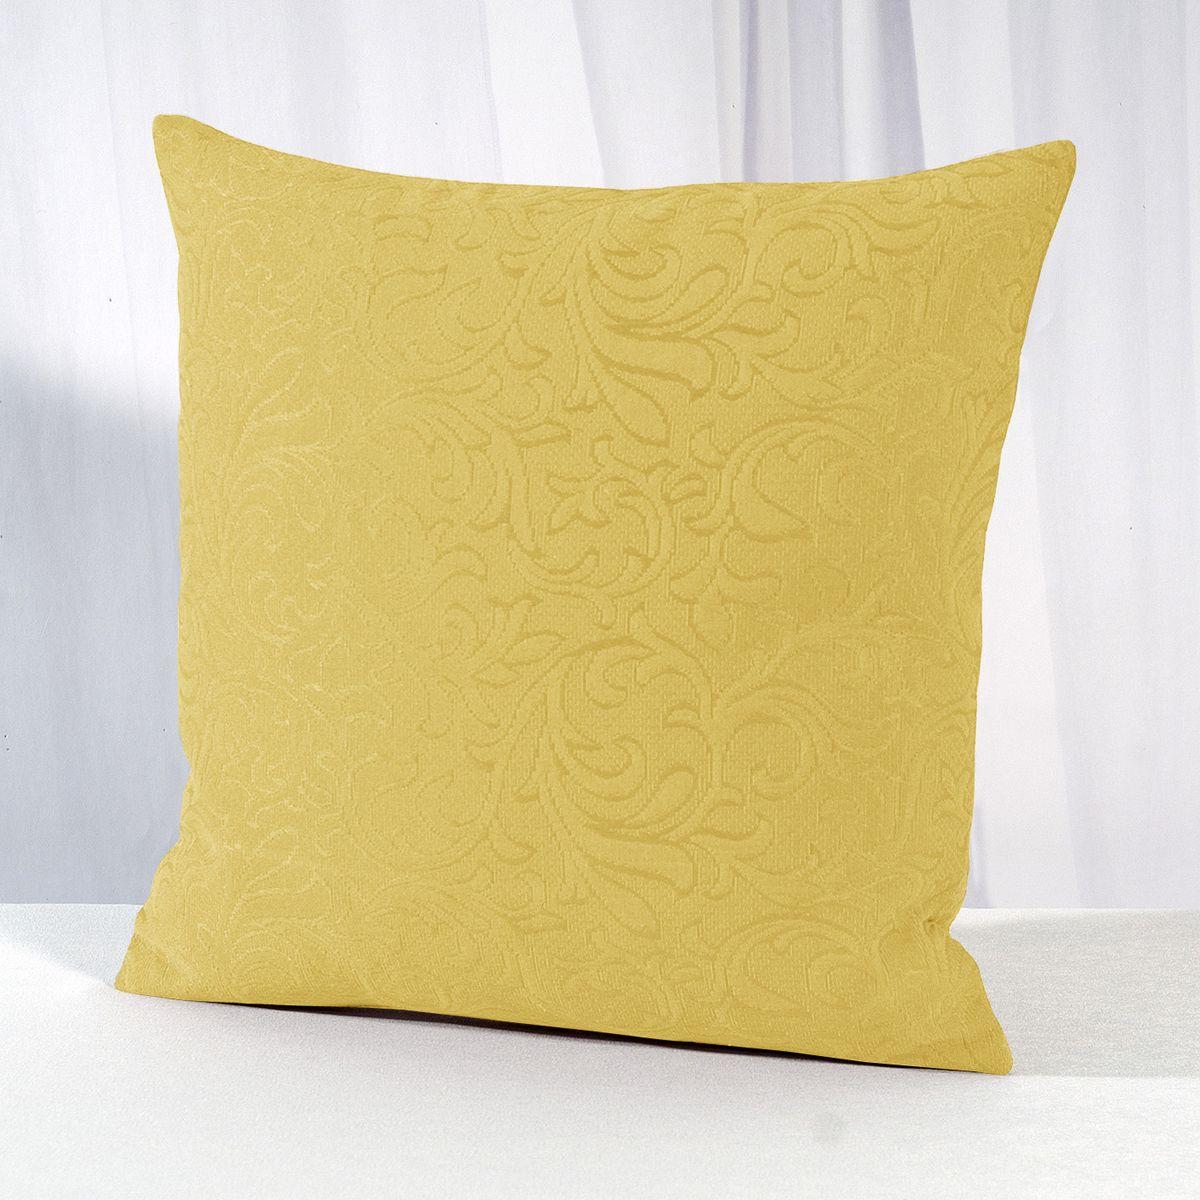 Наволочка декоративная Schaefer, 40 x 40 см, цвет: желтый. 07349-501UP210DFДекоративная наволочка Schaefer предназначена для функционального и декоративного оформления небольших подушек.Продукция производится из качественной ткани, которая легко отстирывается от несложных загрязнений и быстро высыхает после стирки. Ее цвет и рисунки станут украшением любого интерьера. Наволочка прошита с помощью надежных швов, которые долгое время выдерживают повседневные нагрузки. Качественная разноцветная покраска гарантирует устойчивость к выцветанию.